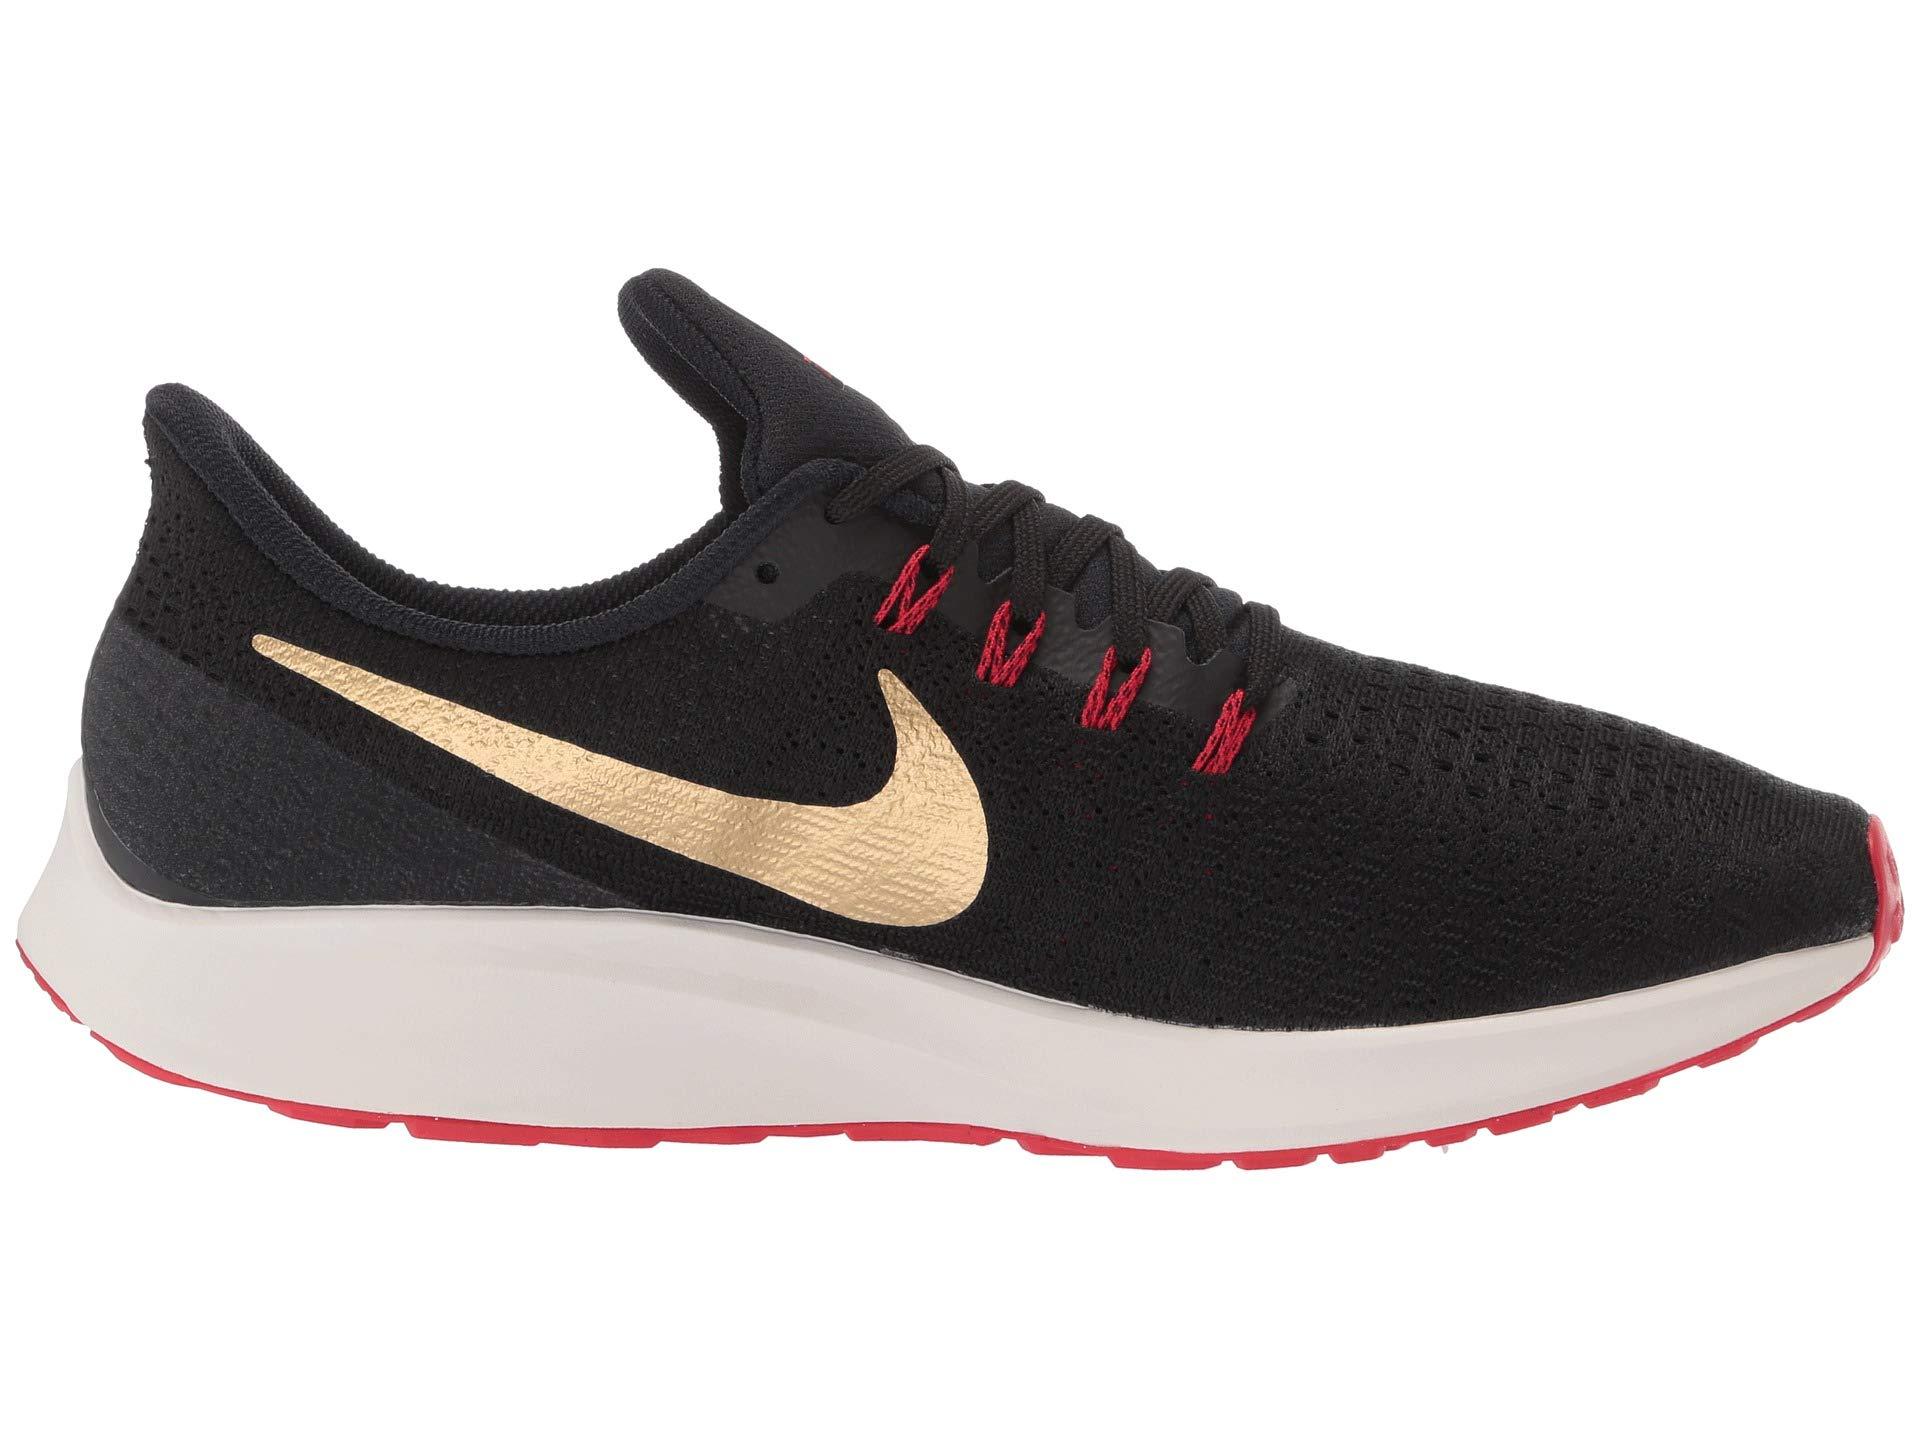 Nike Air Zoom Pegasus 35 Sz 6.5 Mens Running Black/Metallic Gold-University Red Shoes by Nike (Image #8)